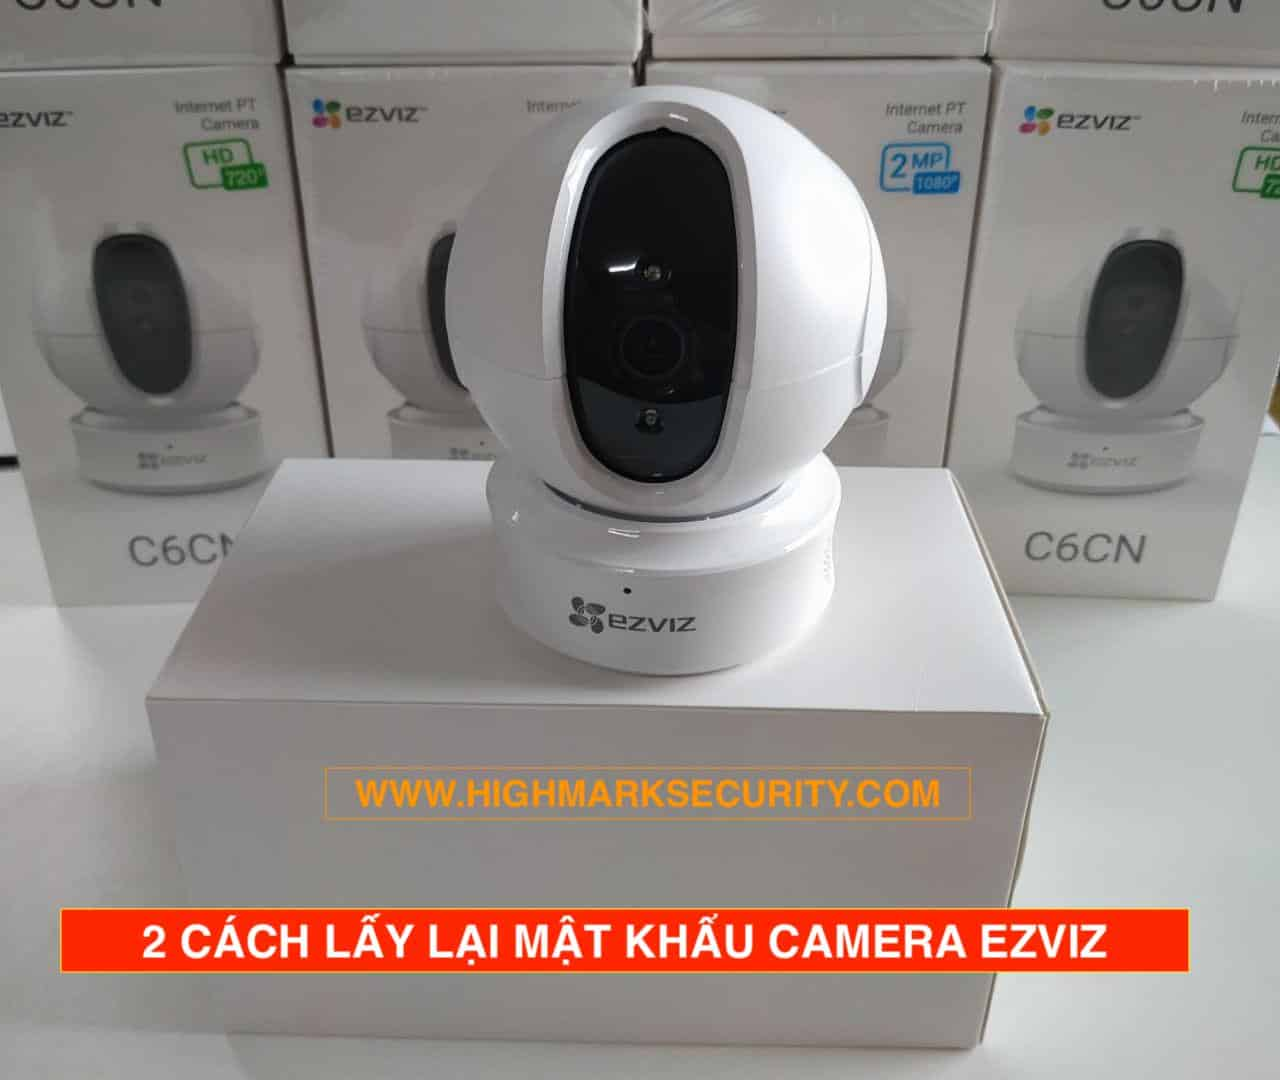 2 Cách Lấy Lại Mật Khẩu Camera Ezviz